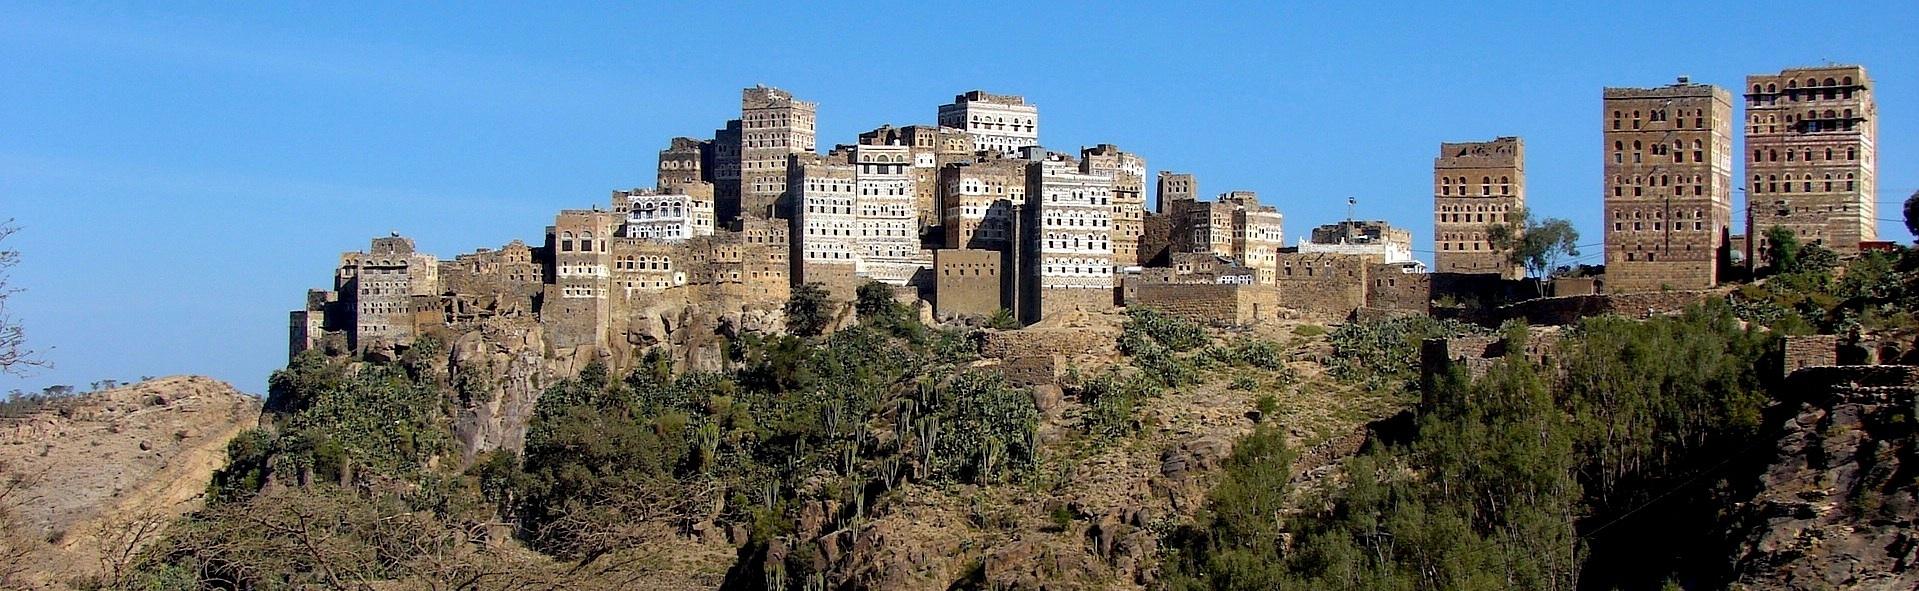 034-YemenHajazbyday2.jpg